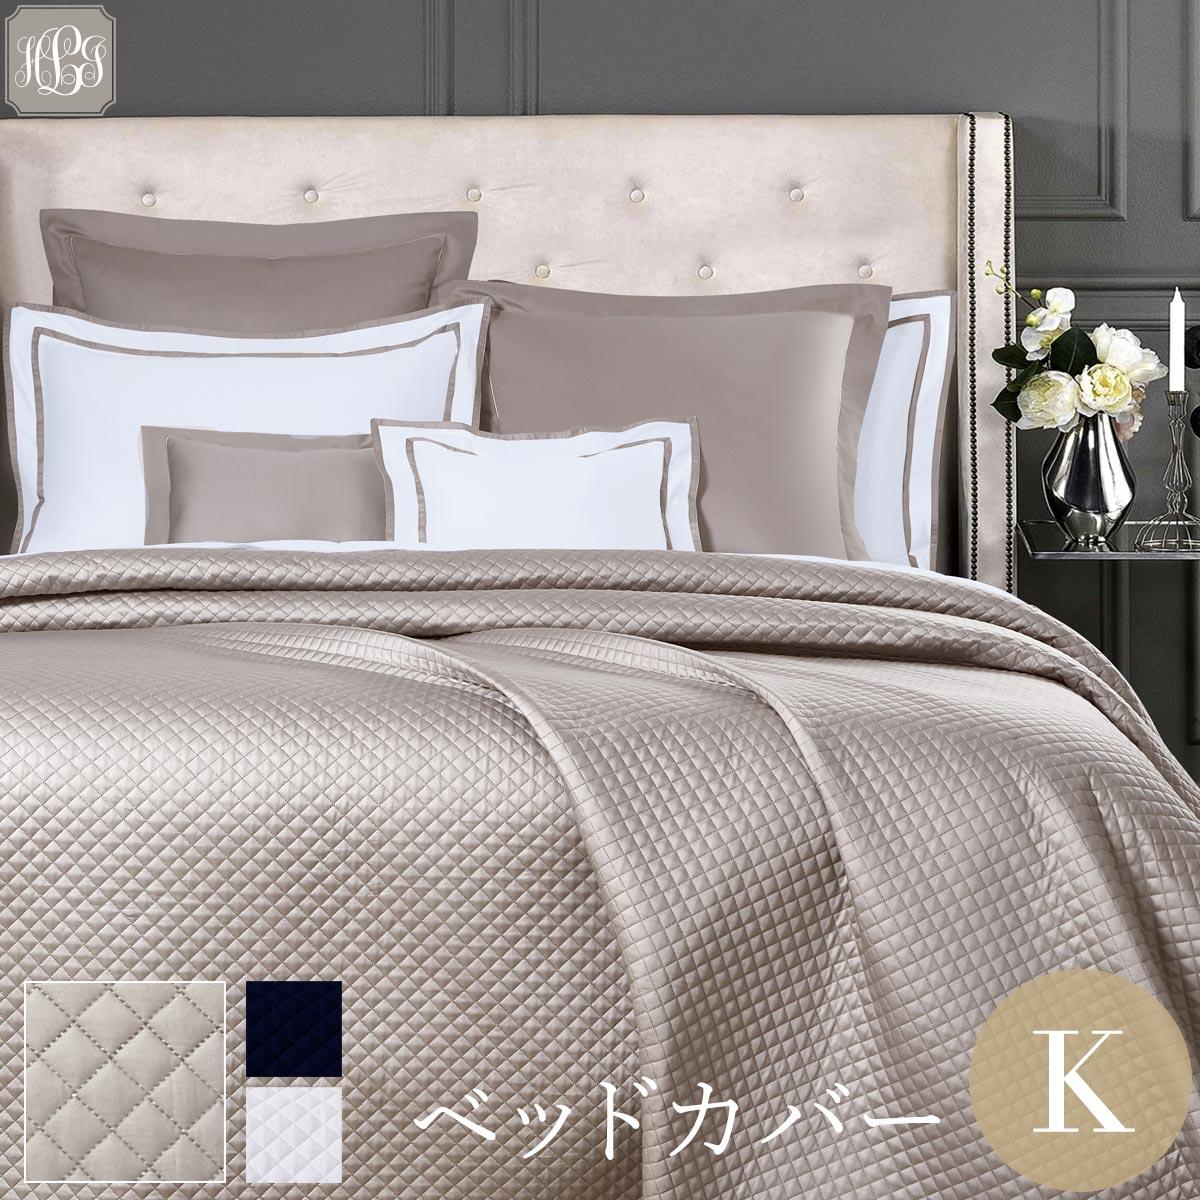 ベッドカバー | キング | 280x240cm | ダイヤモンドキルト(ひし形) 送料無料